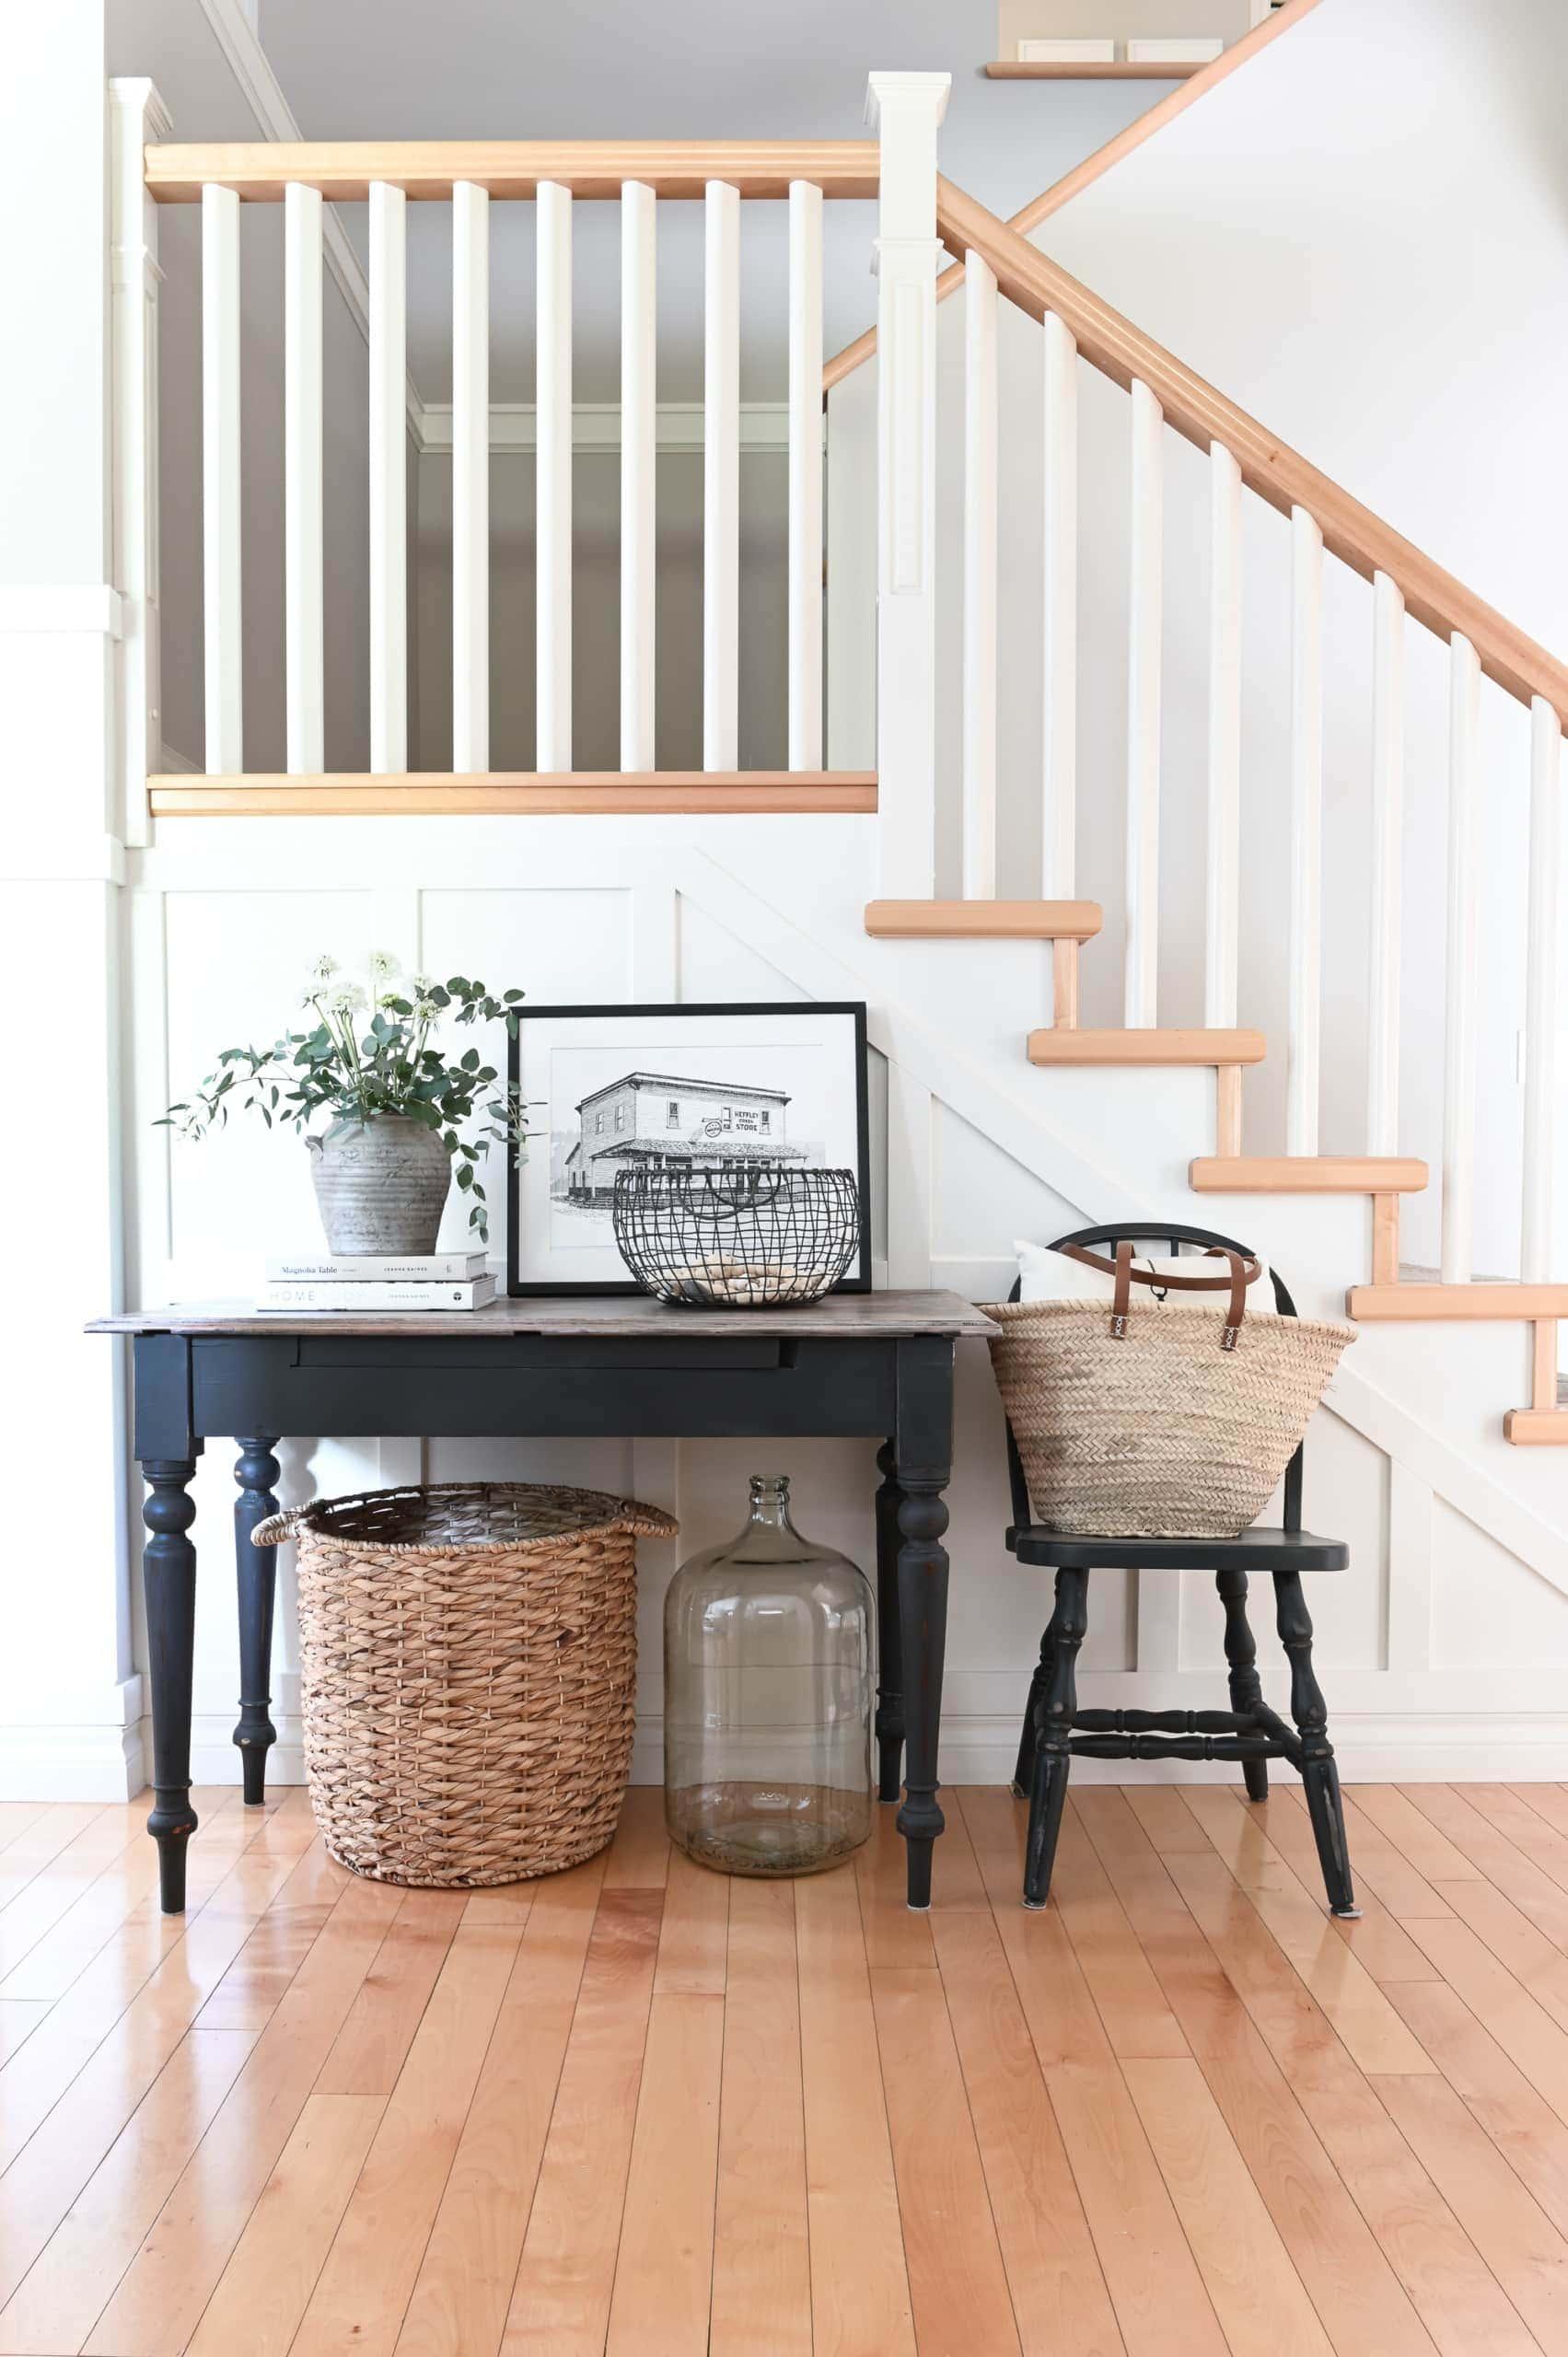 DIY farmhouse style with a black farmhouse style console table